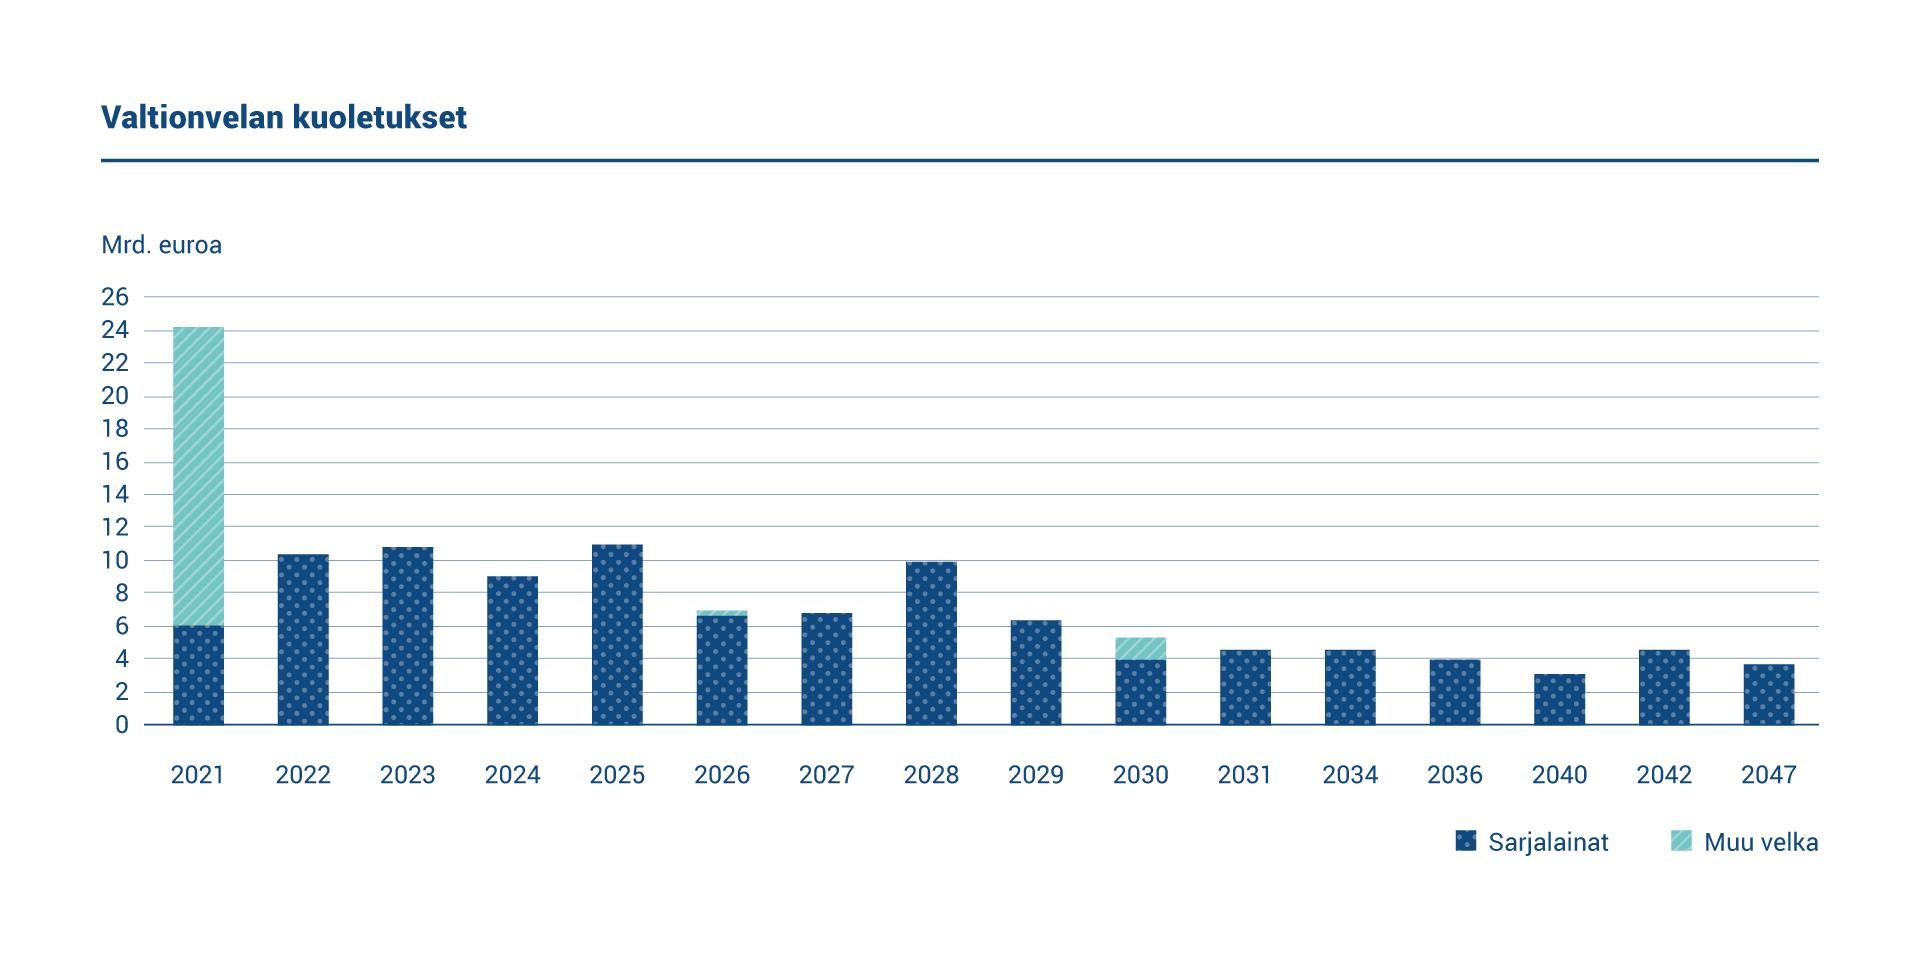 Kaaviossa esitetään valtionvelan kuoletukset.